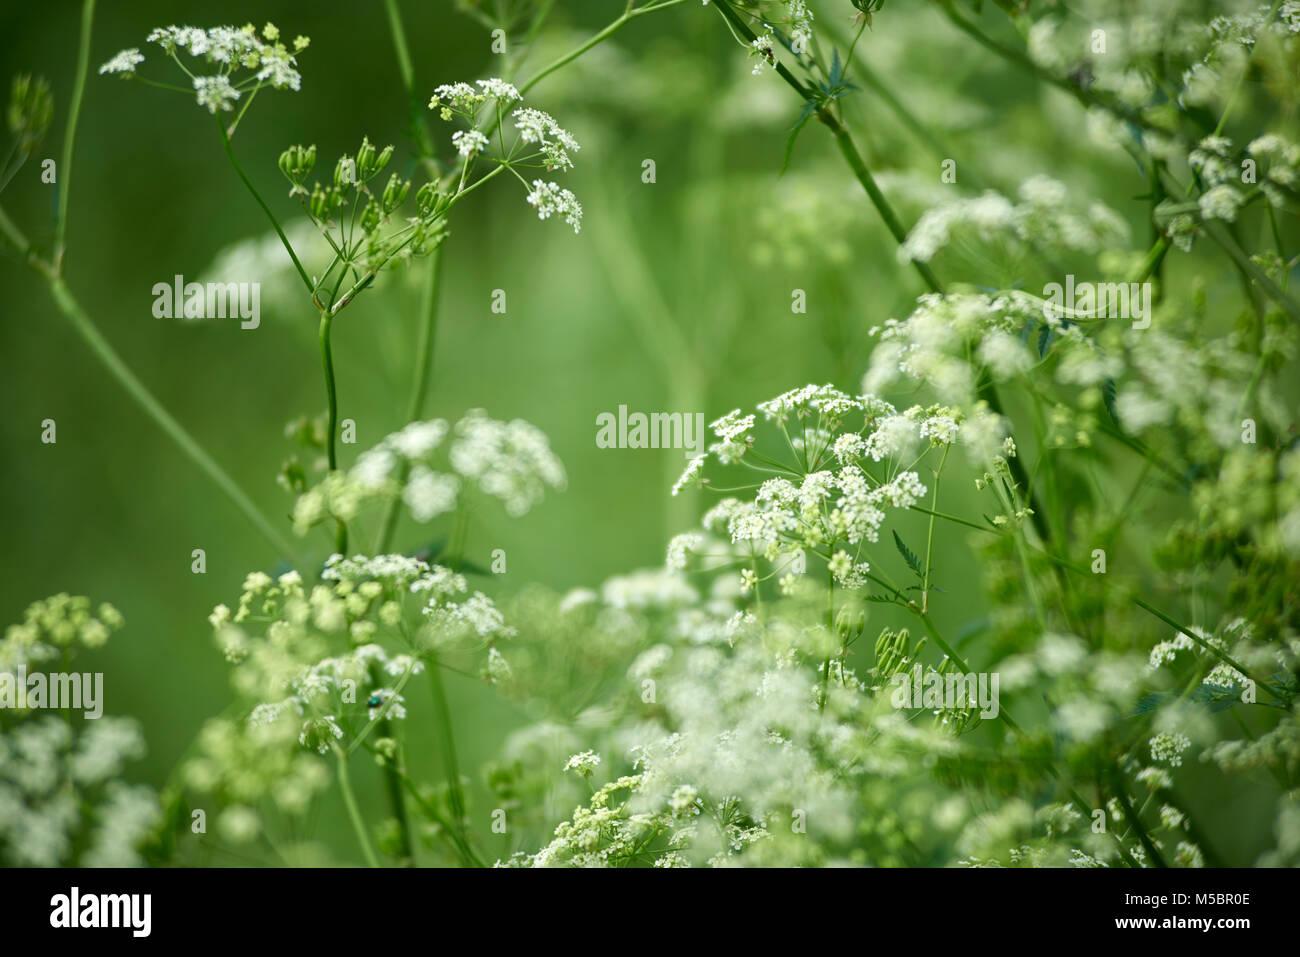 Weisse Blüten - Stock Image